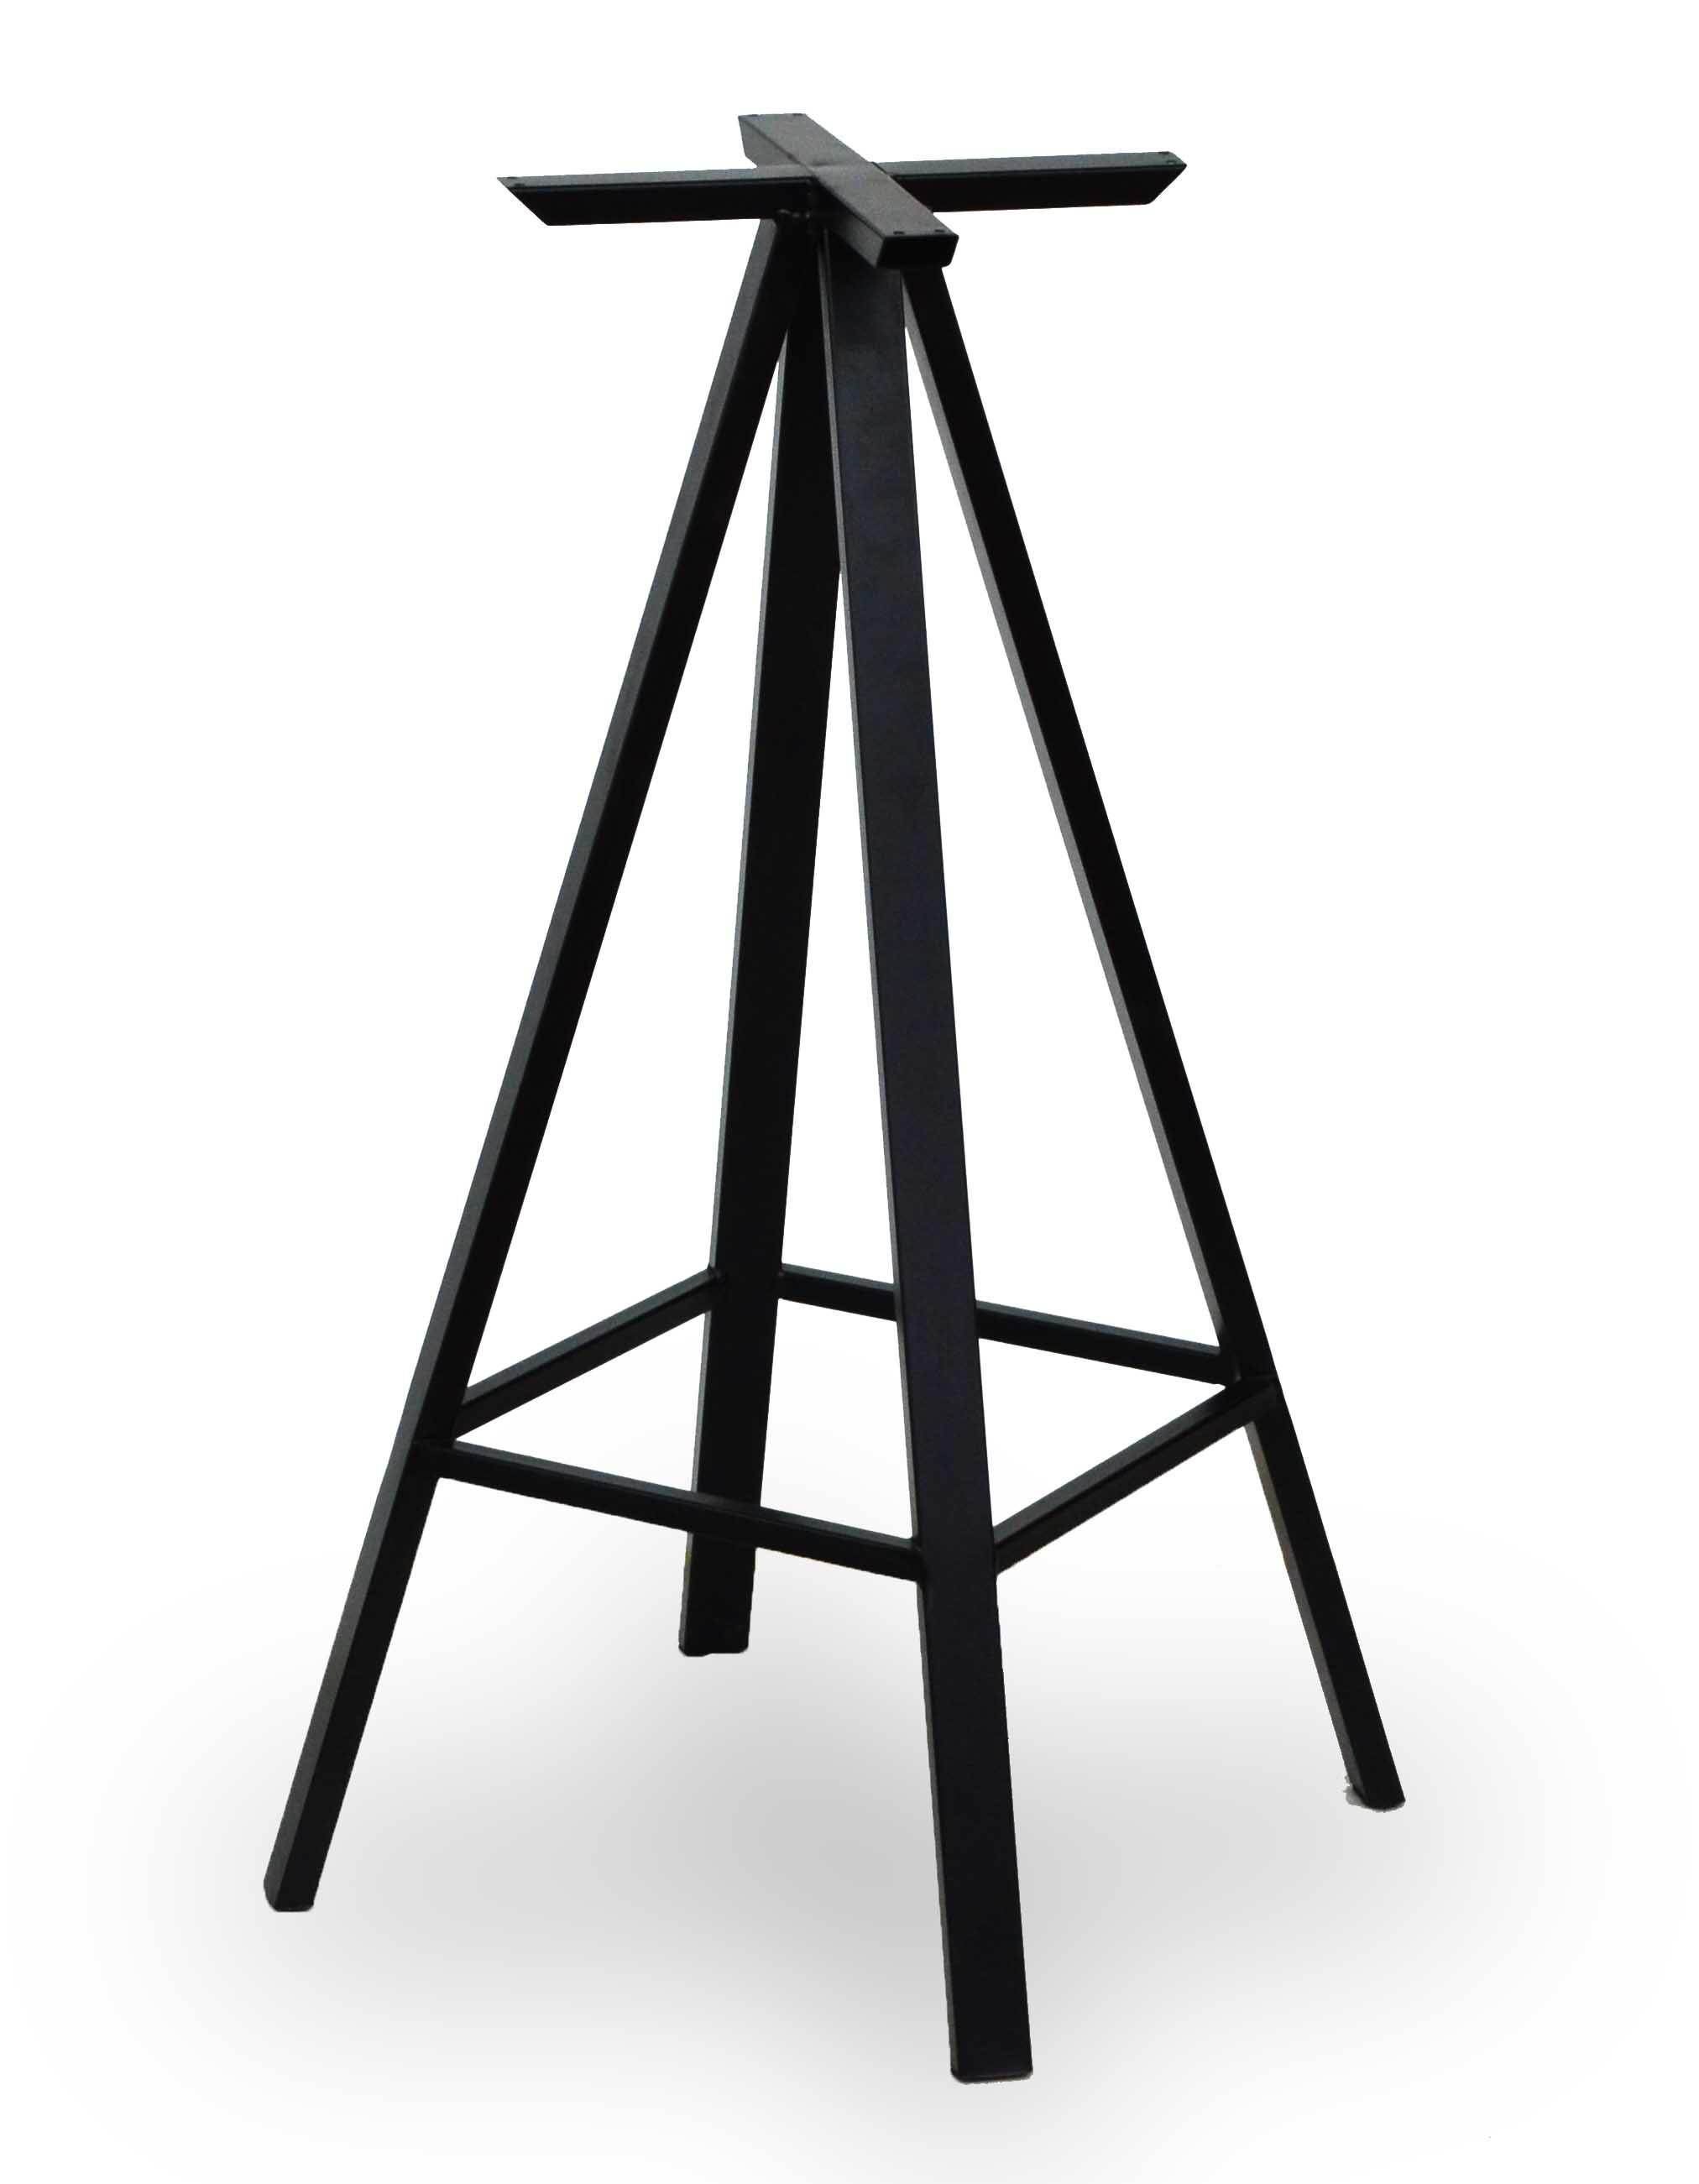 Μεταλλική βάση ψηλή με ηλεκτροστατική βαφή Στα χρώματα και διαστάσεις της επιλόγης σας